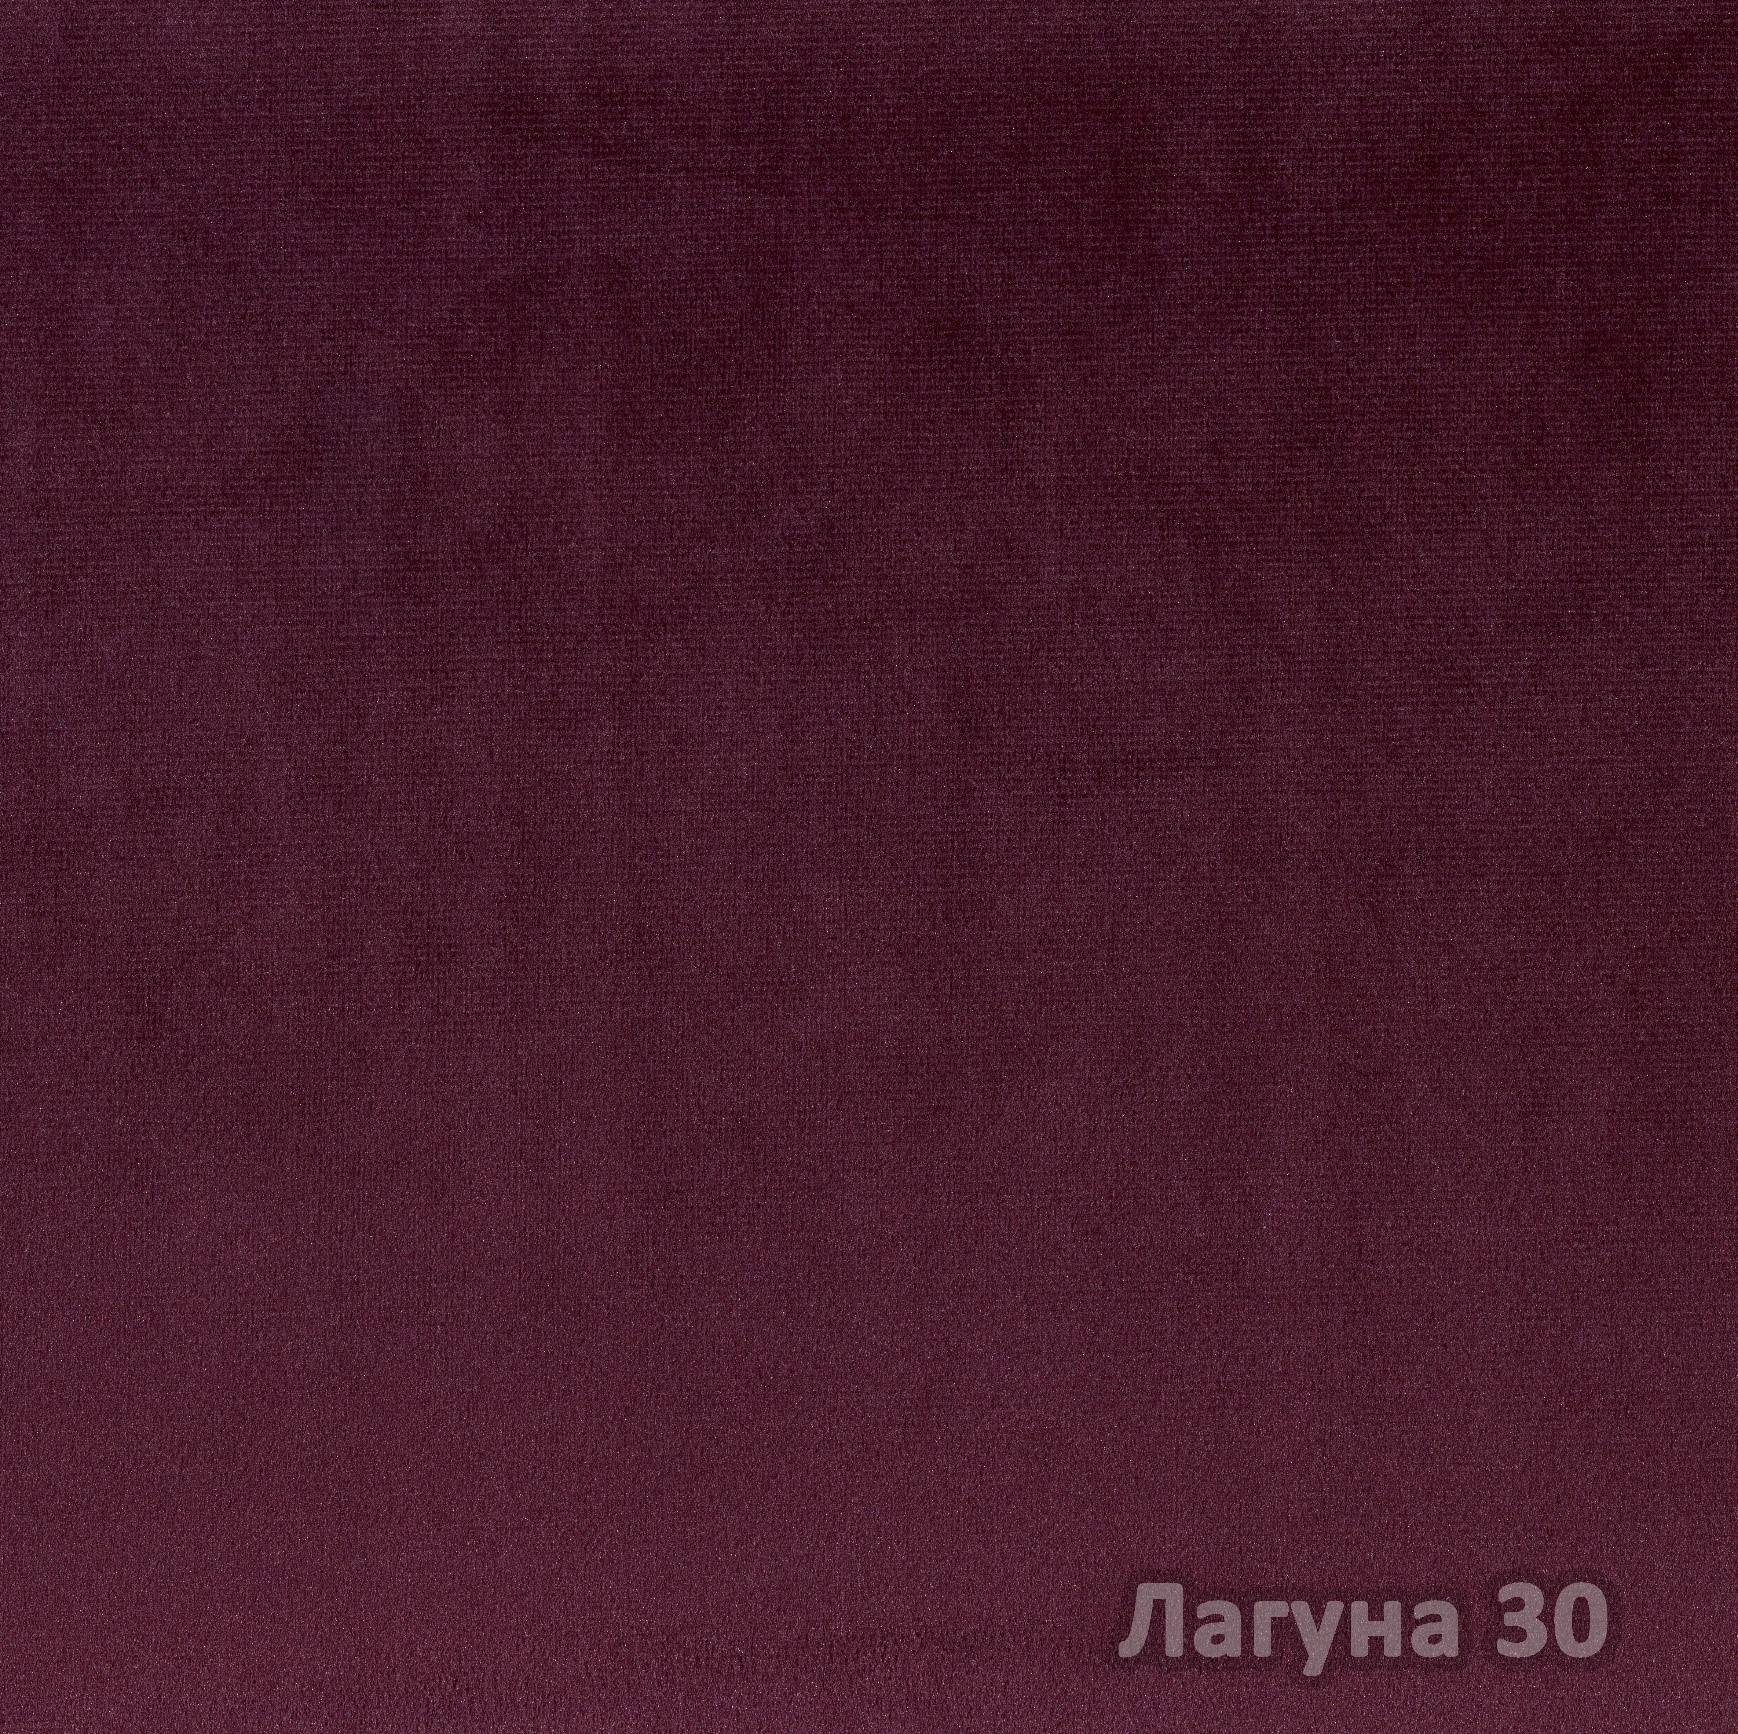 Коллекция ткани Лагуна 30,  купить ткань Велюр для мебели Украина